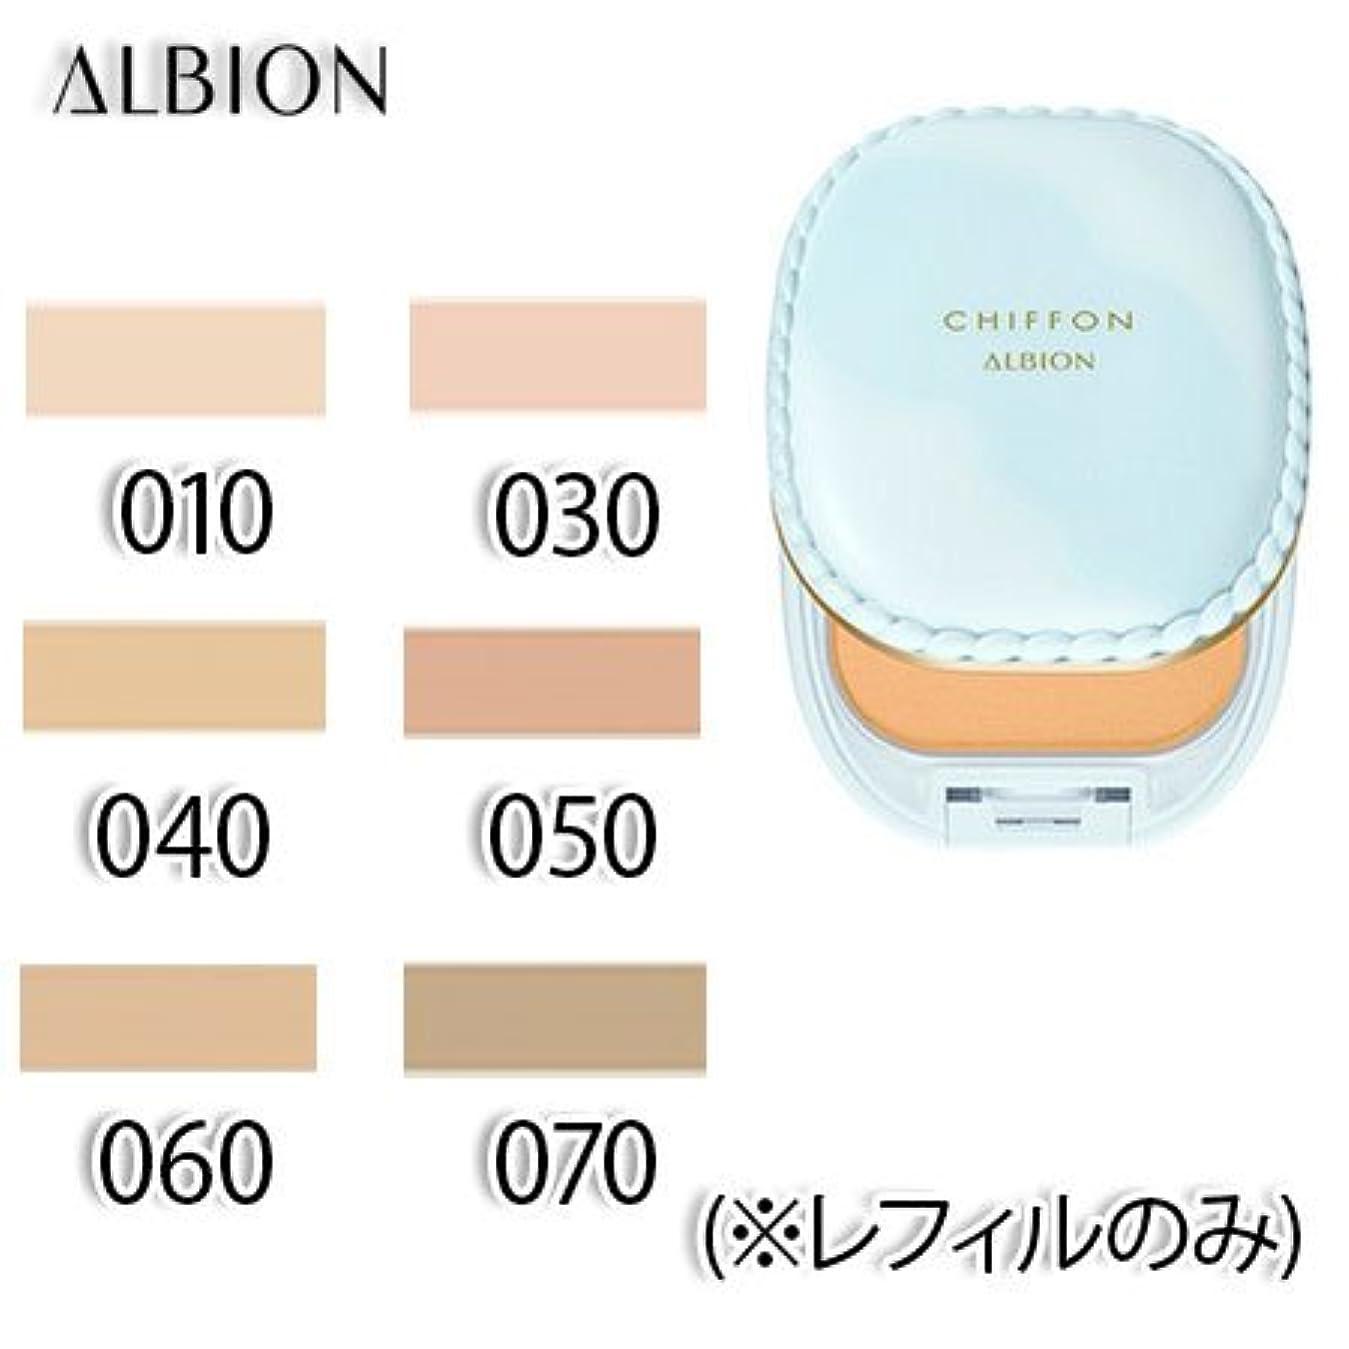 教えるロッカー調停者アルビオン スノー ホワイト シフォン 全6色 SPF25?PA++ 10g (レフィルのみ) -ALBION- 050